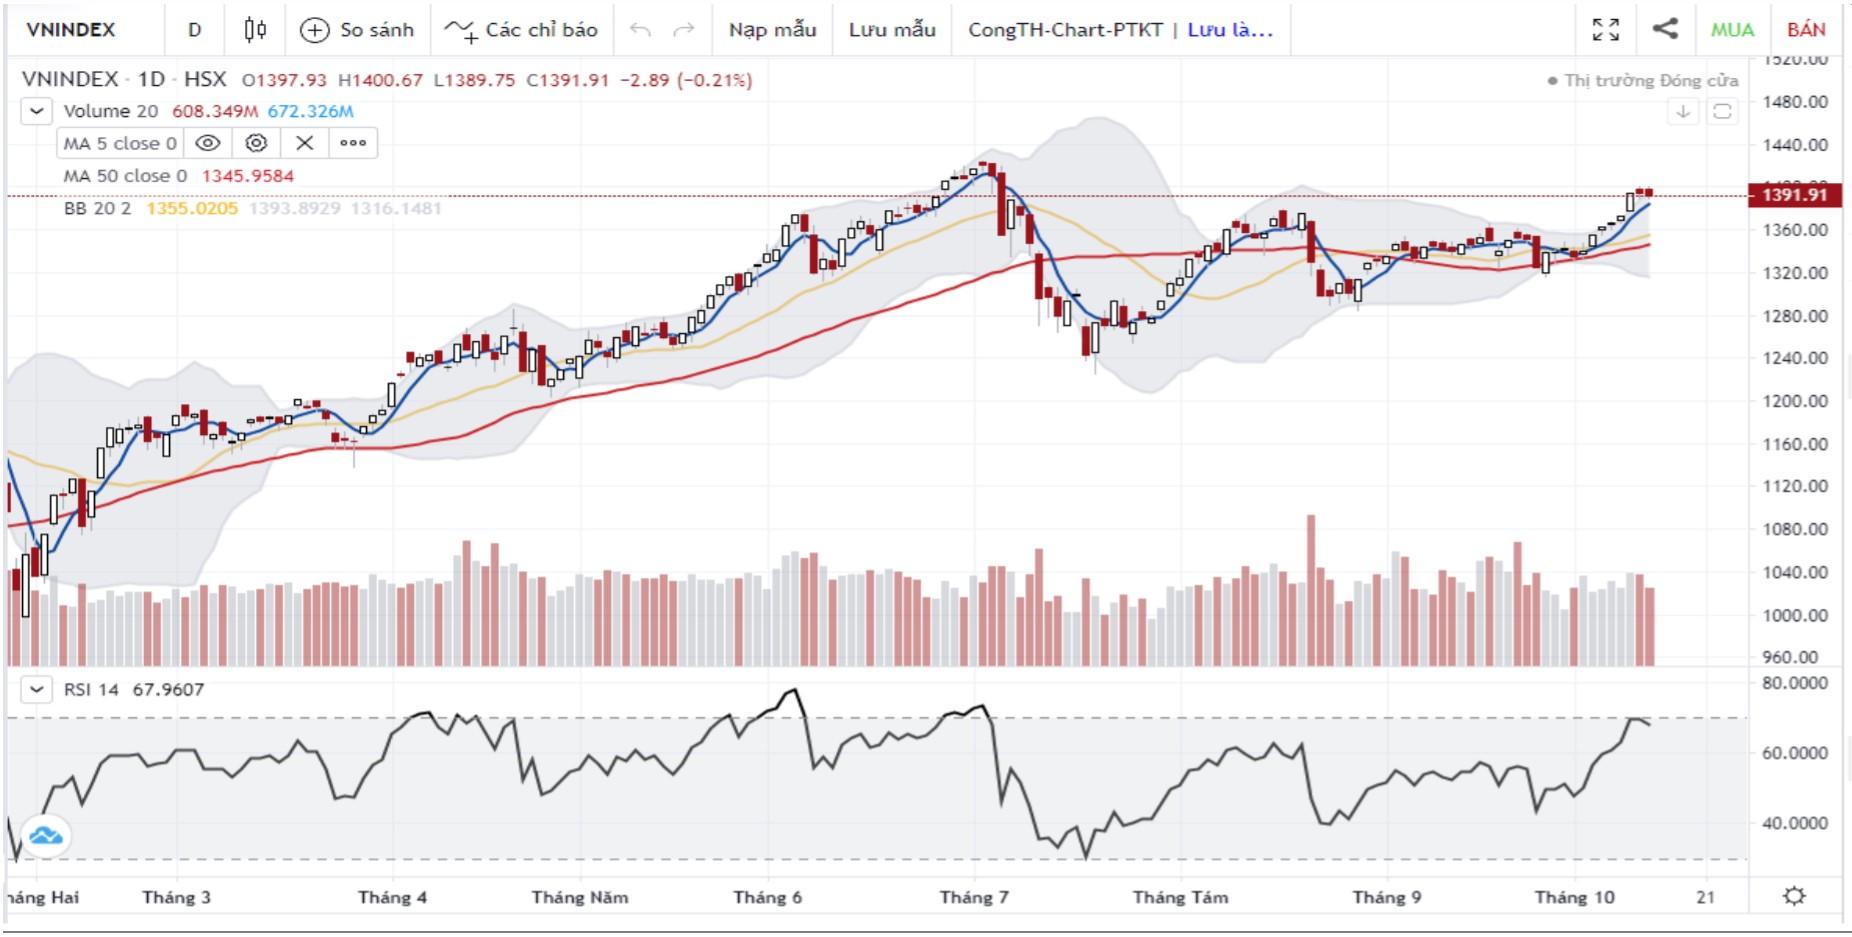 Nhận định thị trường chứng khoán ngày 14/10: Tiếp tục xu hướng tích lũy trong vùng 1.380 - 1.400 - Ảnh 1.